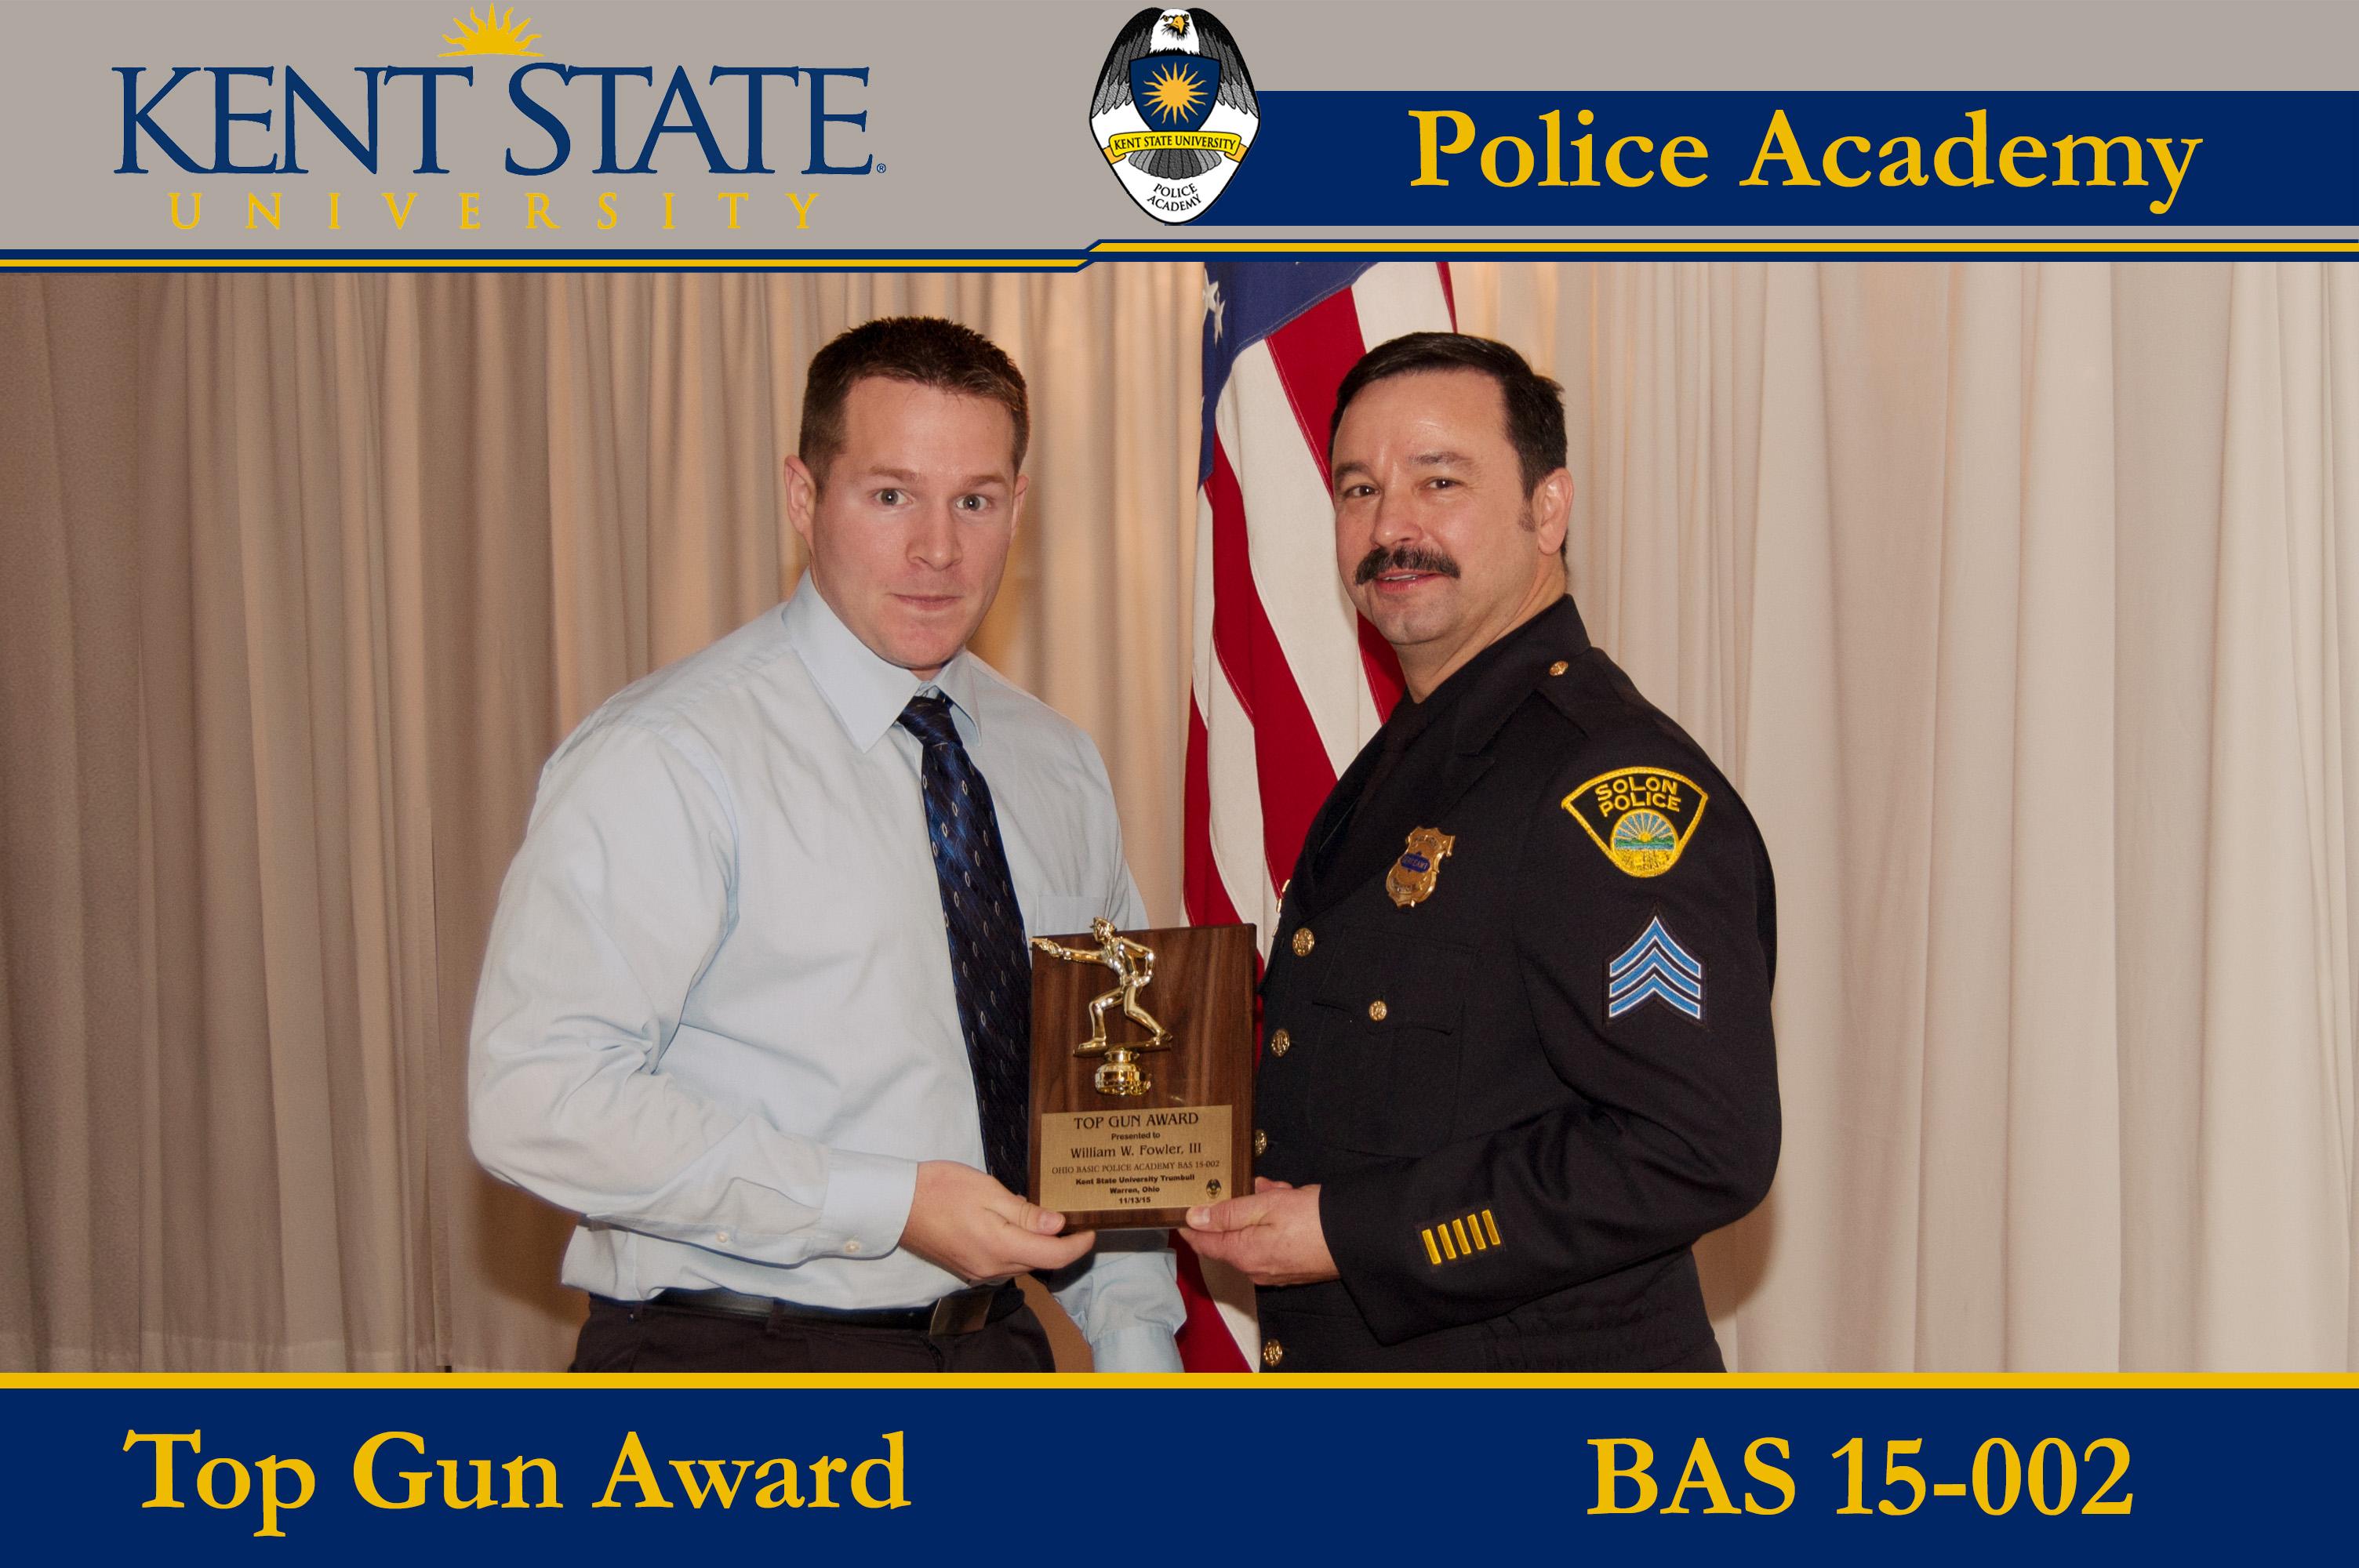 Class BAS 15-002 Cadet Receiving Top Gun Award